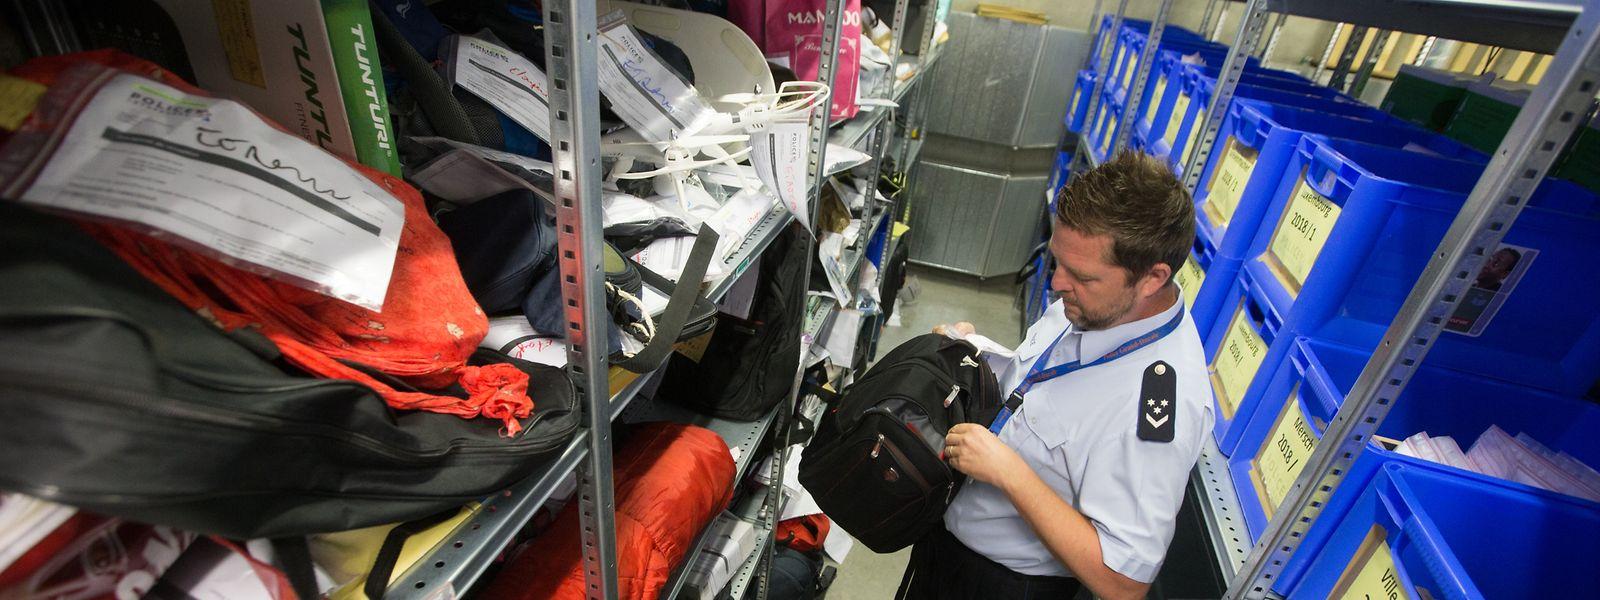 Wie Nico Richard erklärt, werden Rucksäcke, Taschen und Koffer geöffnet, um sicherzustellen, dass weder ein gefährlicher noch ein verderblicher Gegenstand aufbewahrt wird.